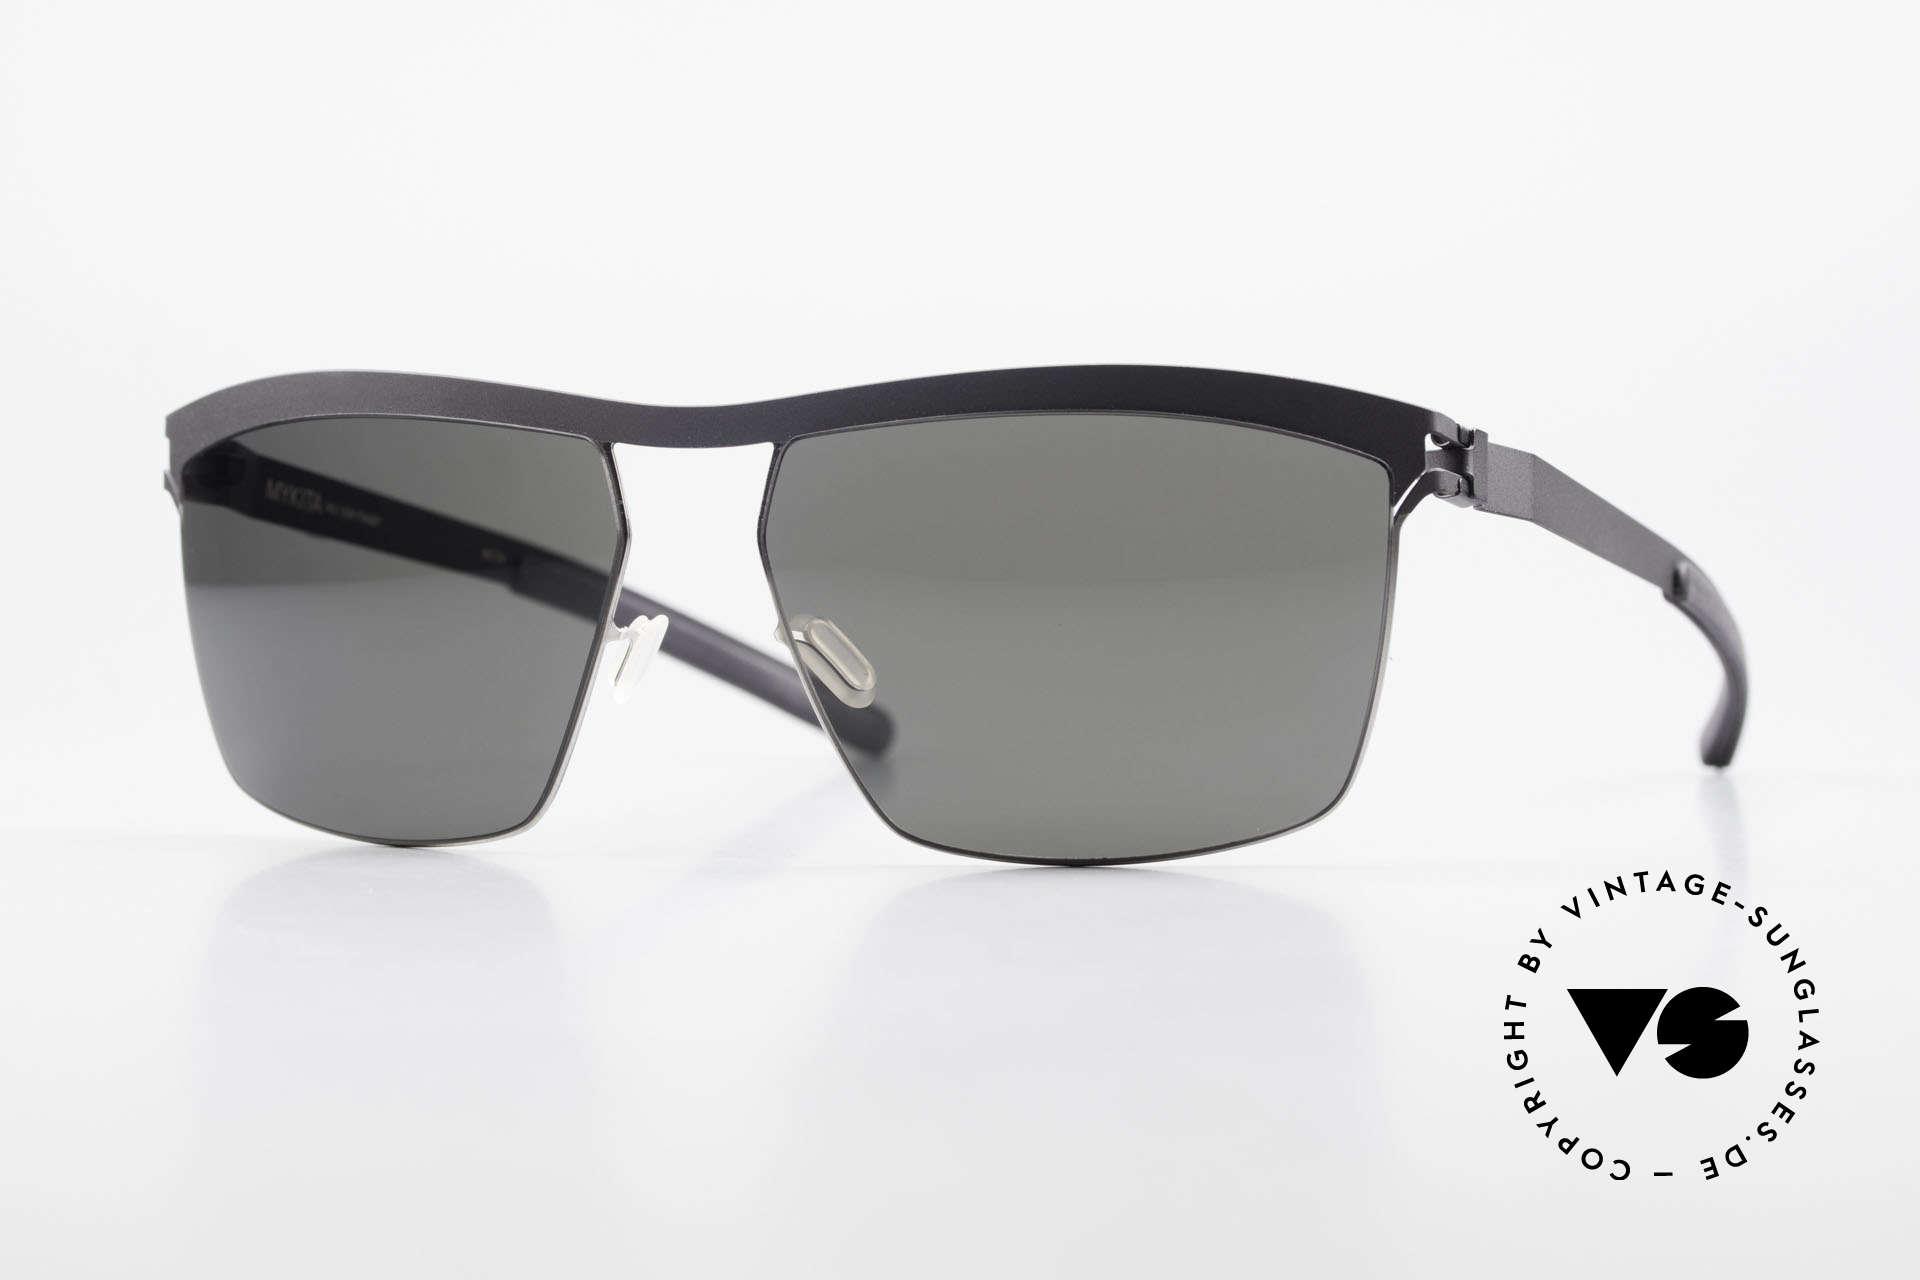 Mykita Tiago Designer Unisex Sunglasses, original VINTAGE MYKITA unisex sunglasses from 2011, Made for Men and Women